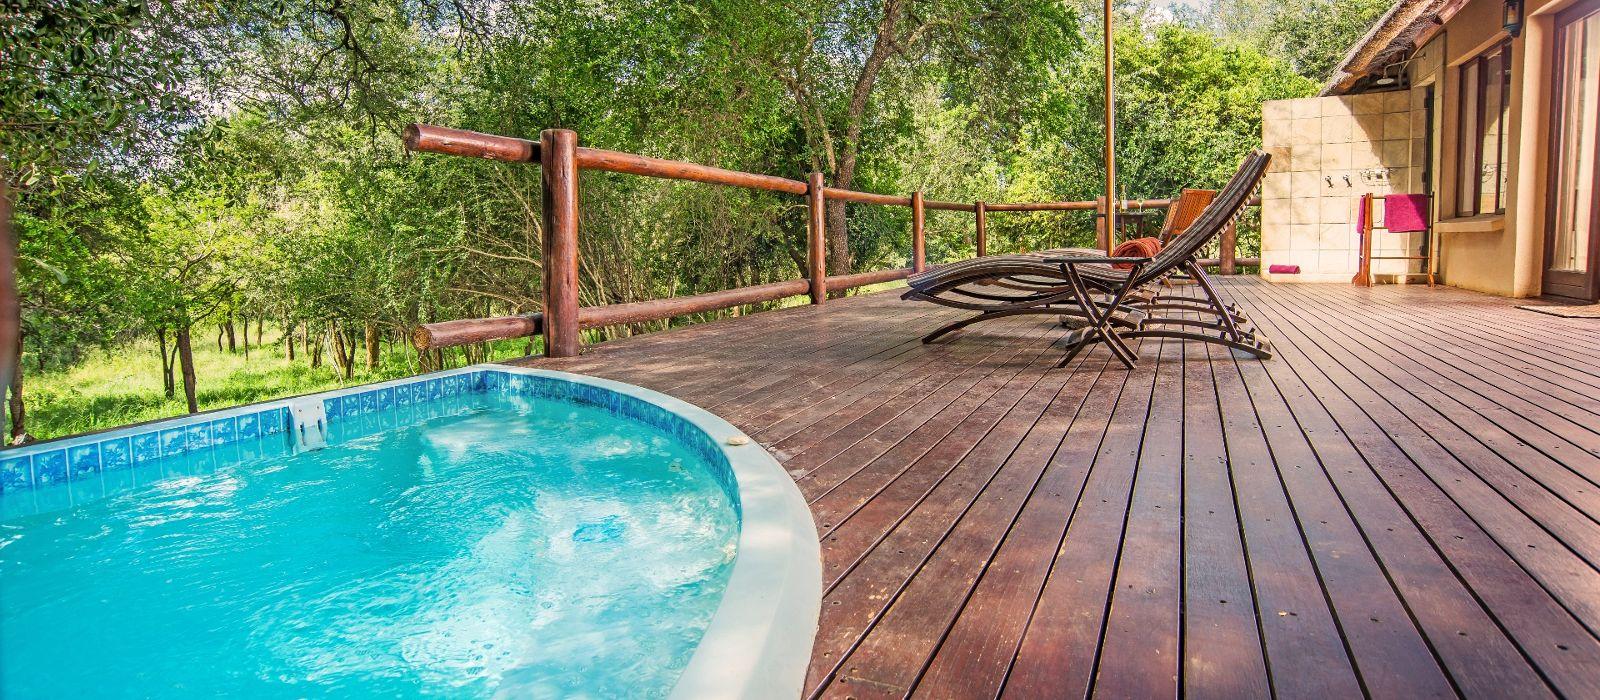 Hotel Shiduli Private Game Lodge South Africa